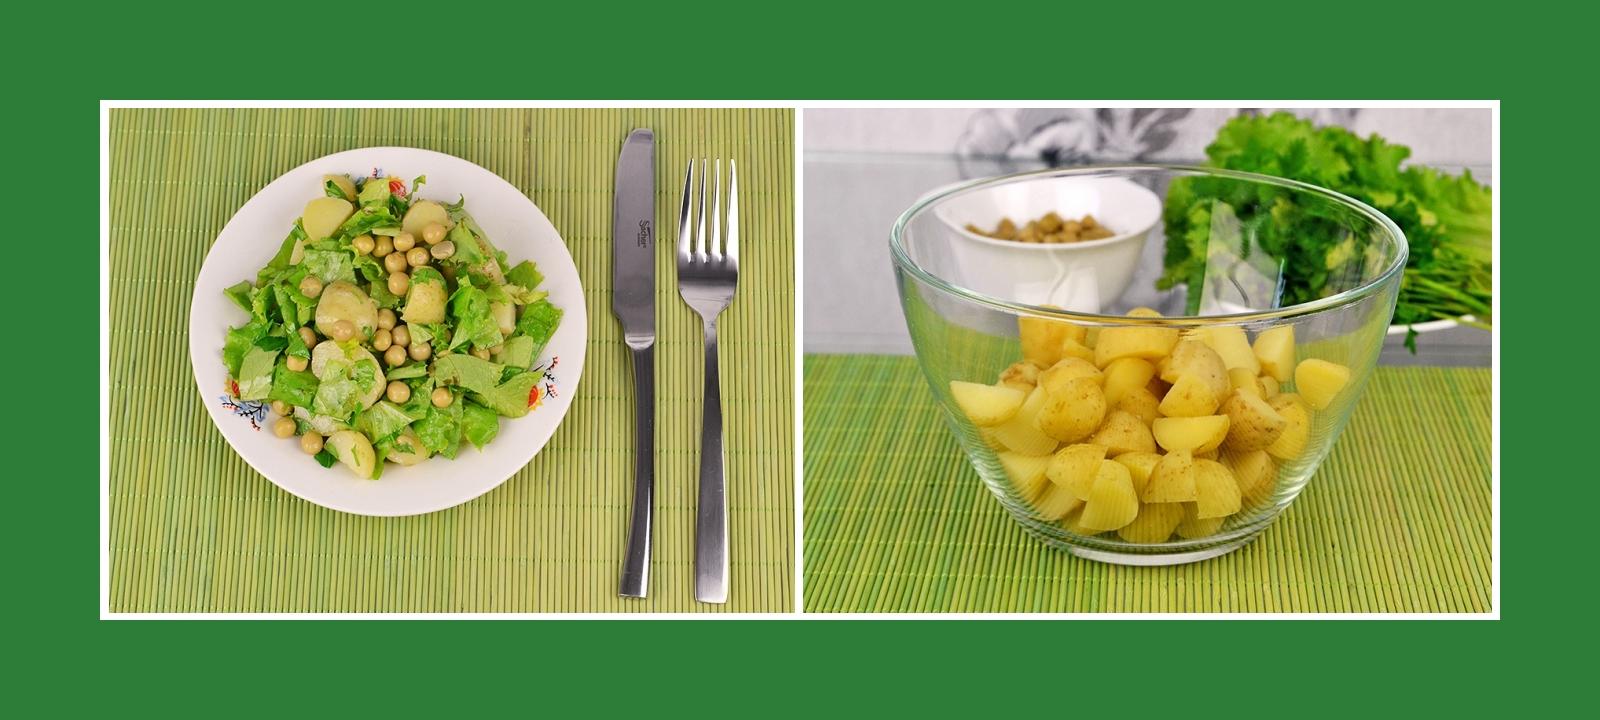 Kartoffelsalat mit Erbsen und Kräutern